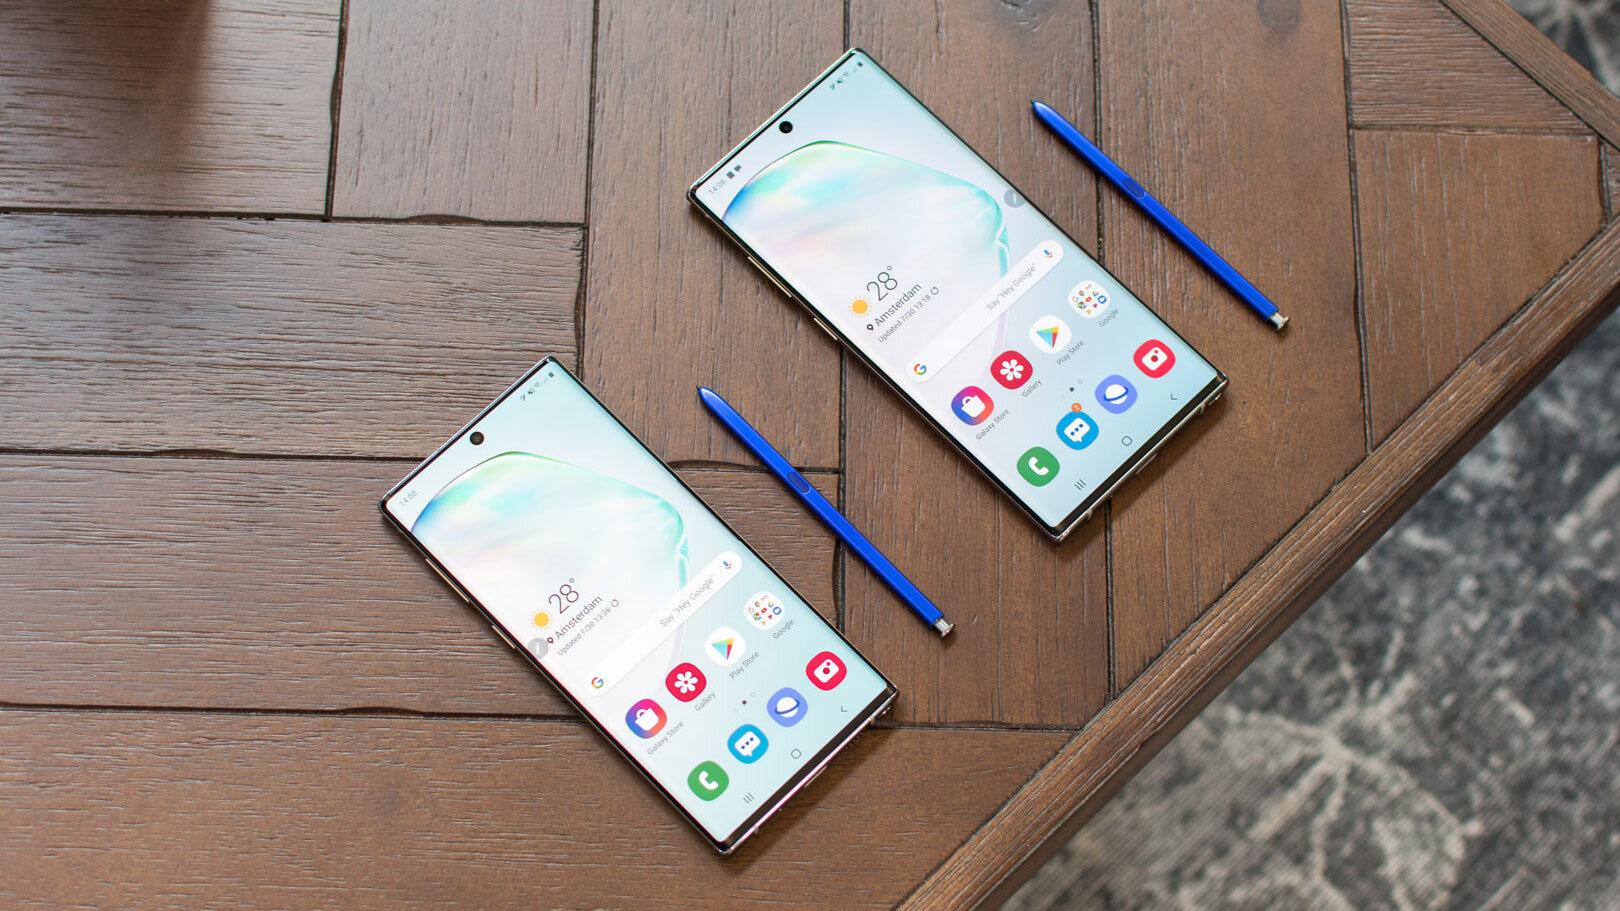 Samsung Note 10 Plus trang bị chip xử lý Snapdragon 855 mạnh nhất